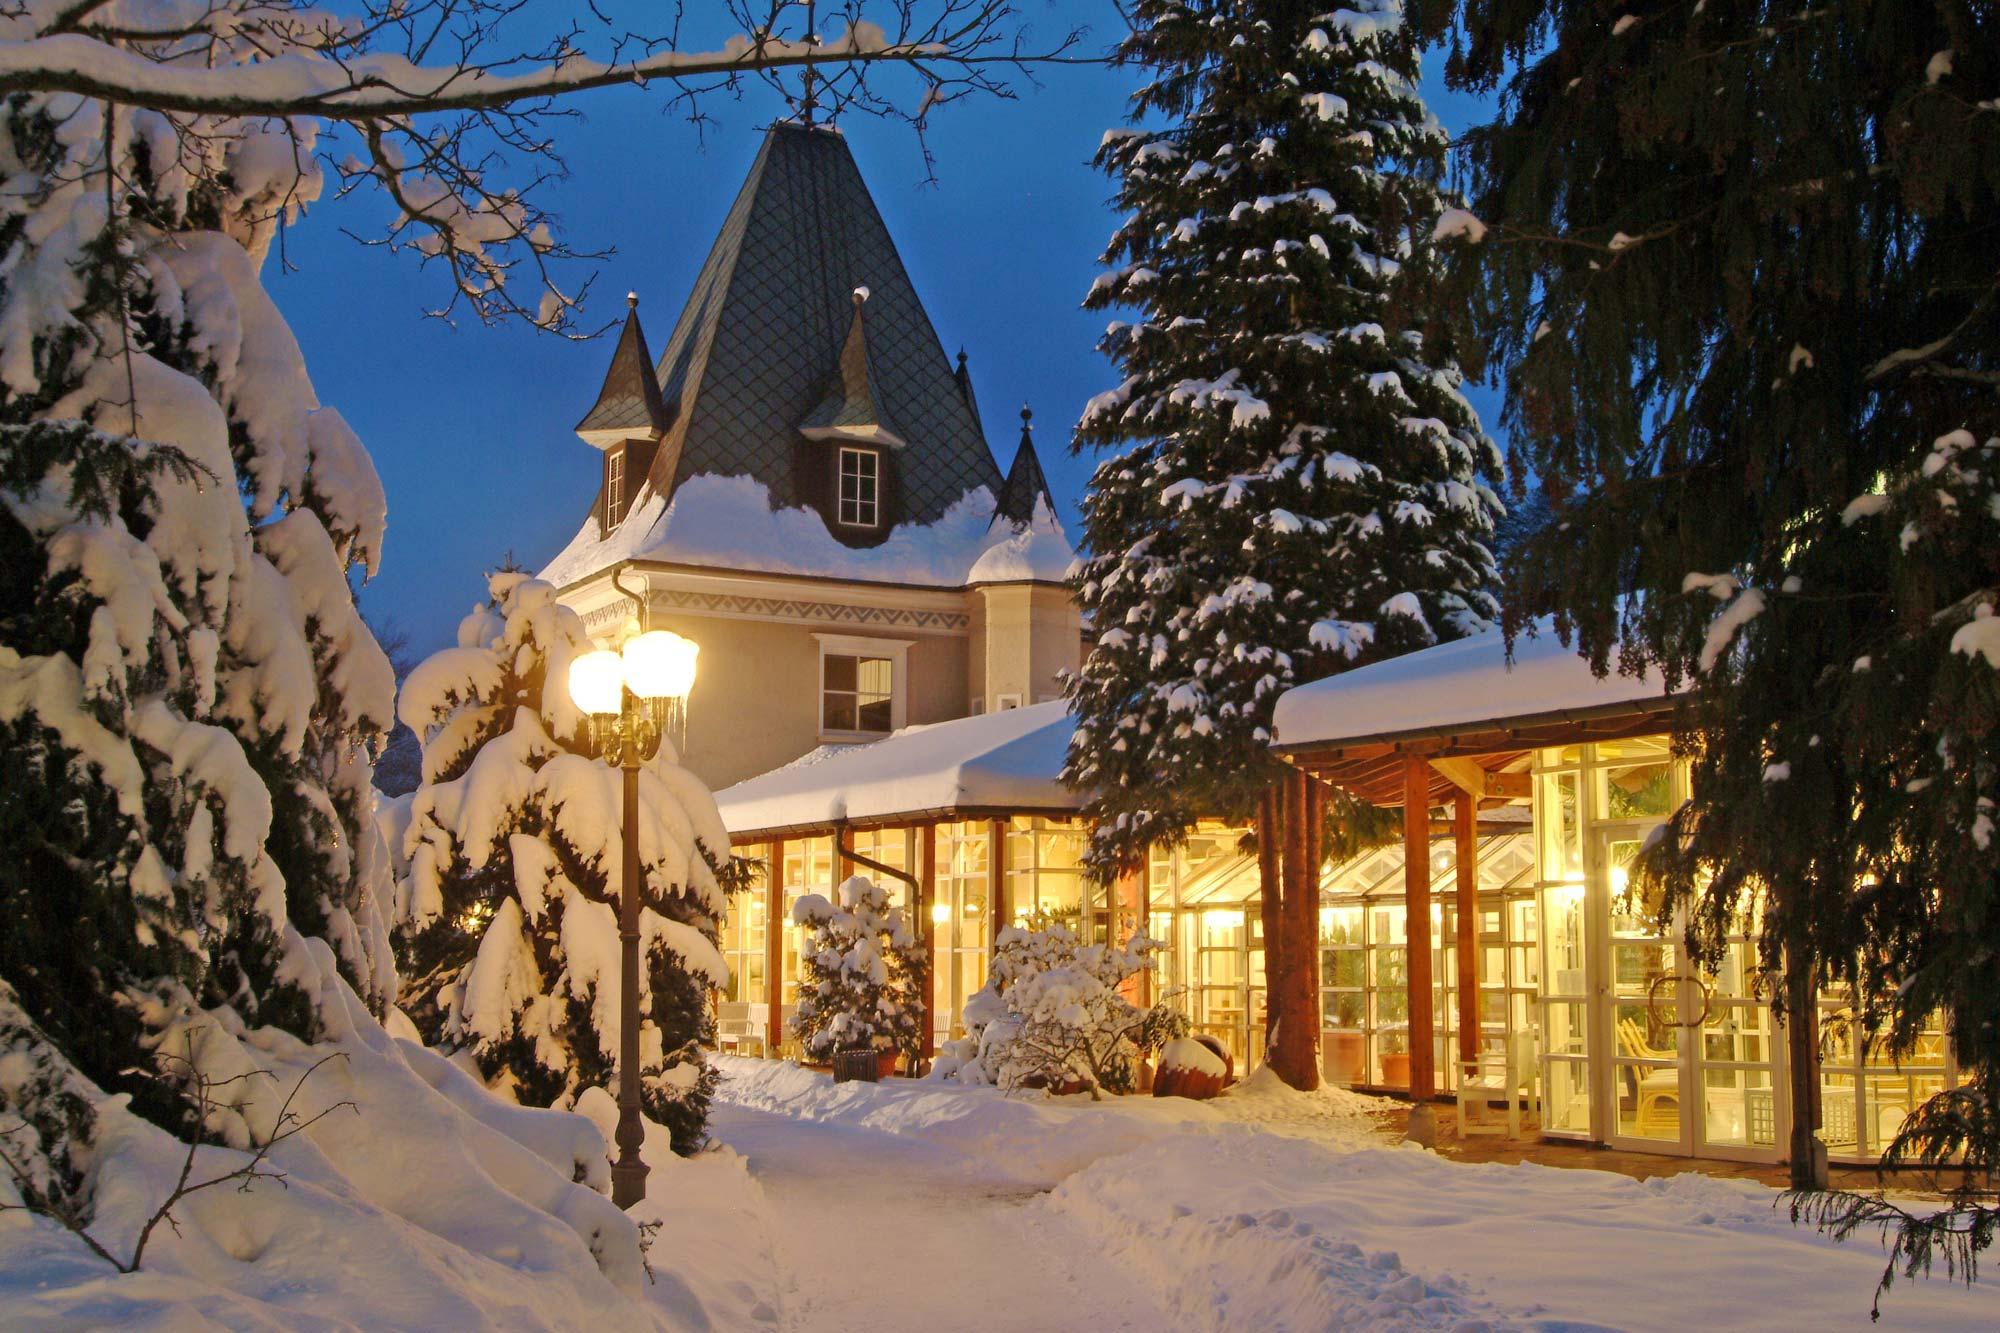 Beleuchtetes Kurhaus von Bad Herrenalb im Winter mit schneebedeckter Landschaft